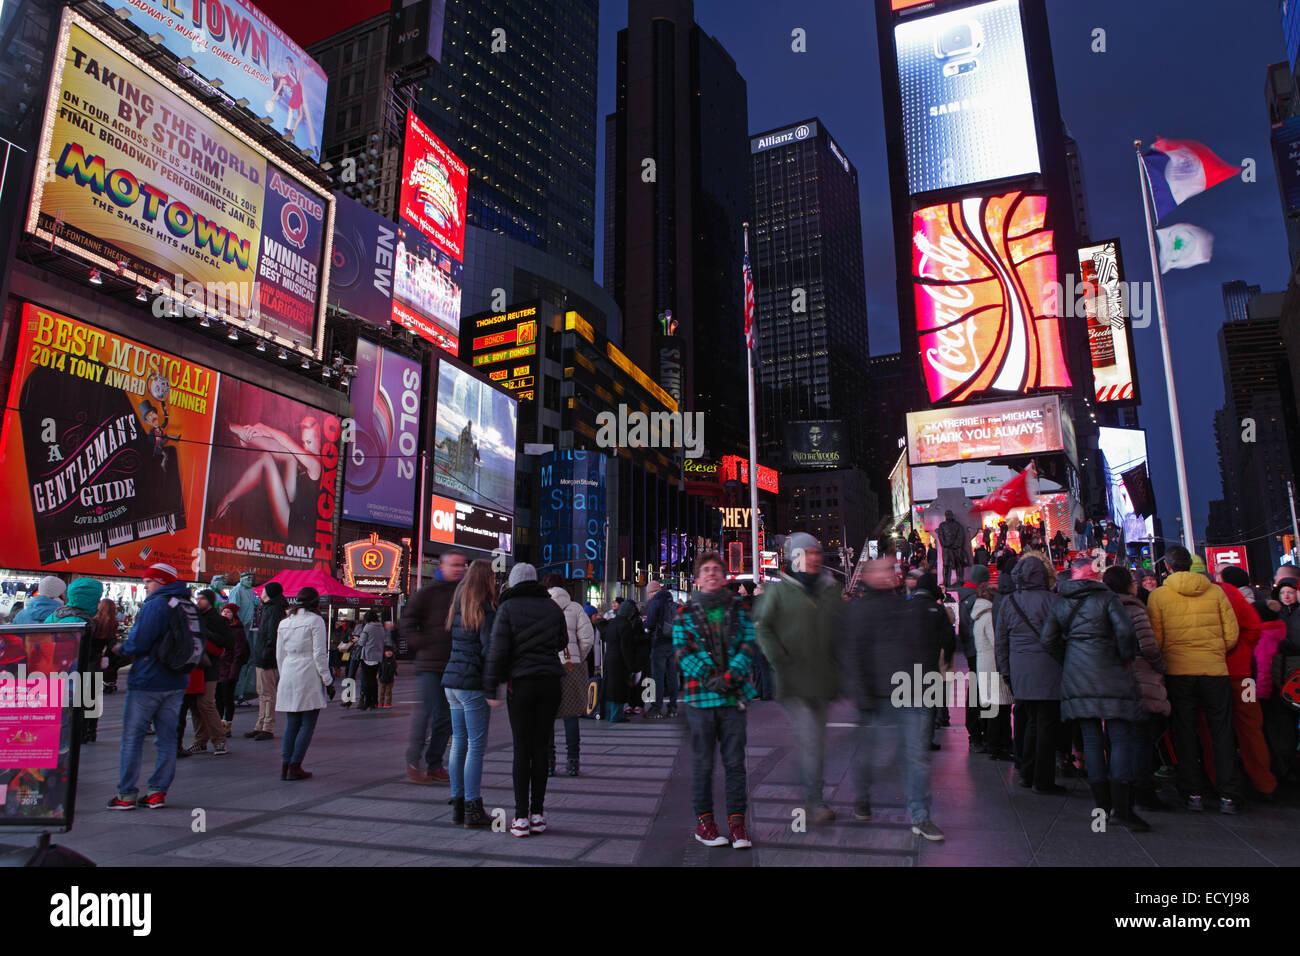 Massen und Billboards am Times Square New York Abend Langzeitbelichtung Motion blur Stockbild